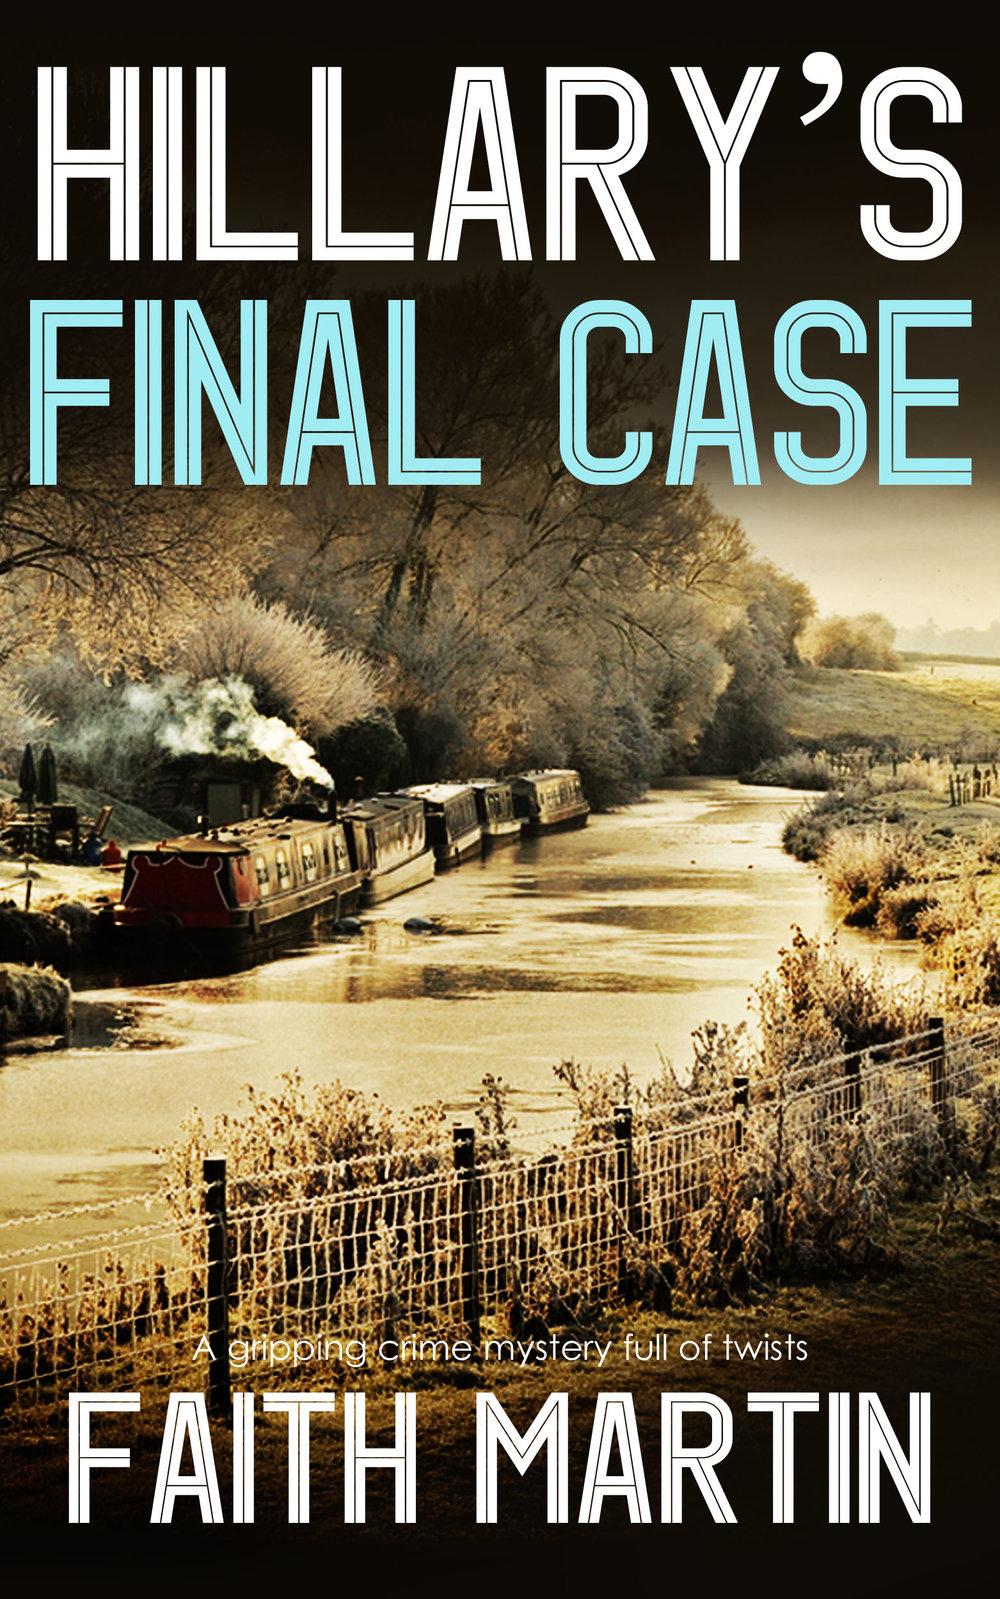 HILLARYS FINAL CASE.jpg